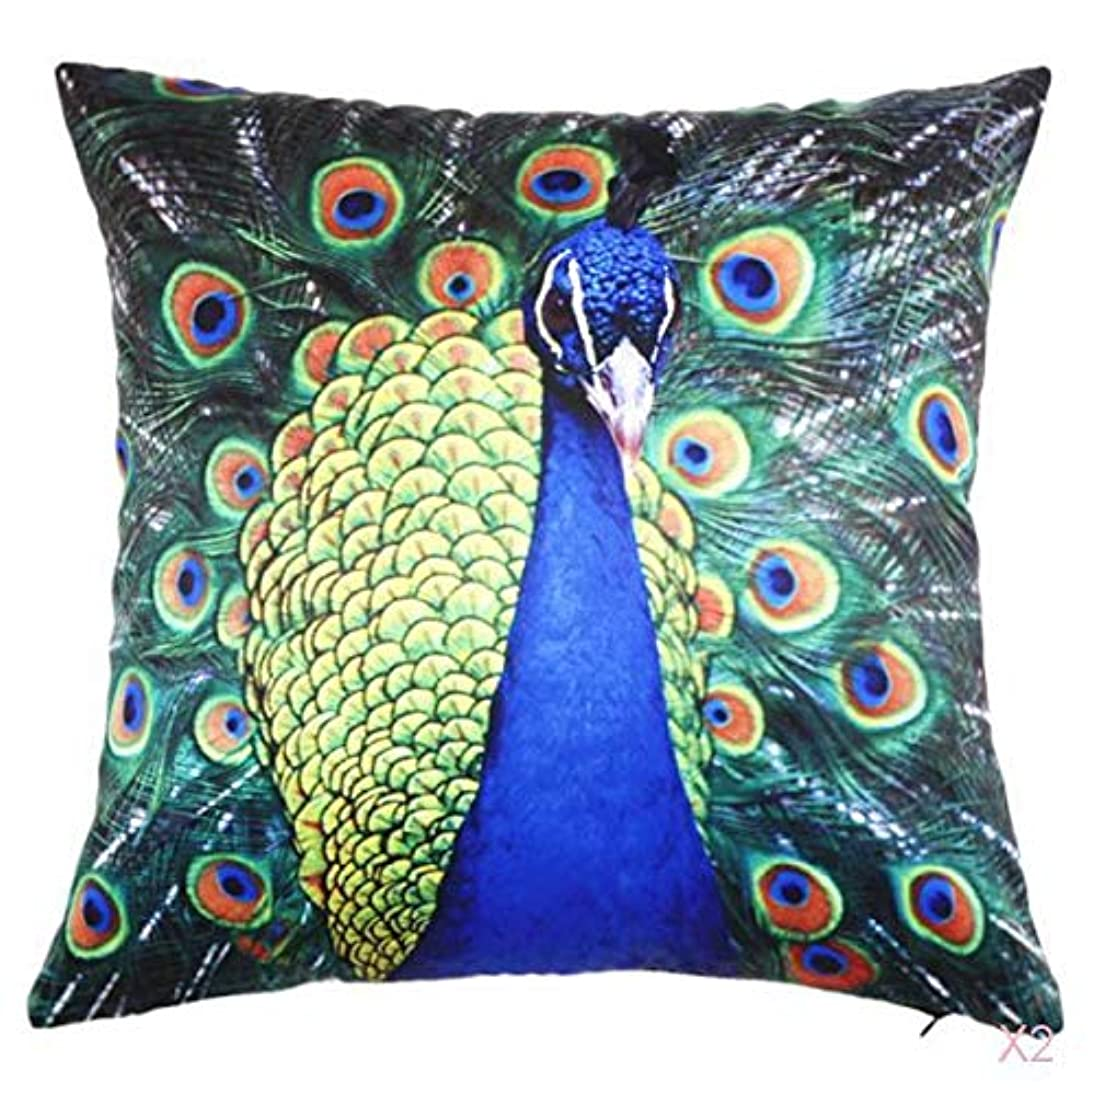 画面学期乱れ45センチメートル家の装飾スロー枕カバークッションカバーヴィンテージ孔雀のパターン03